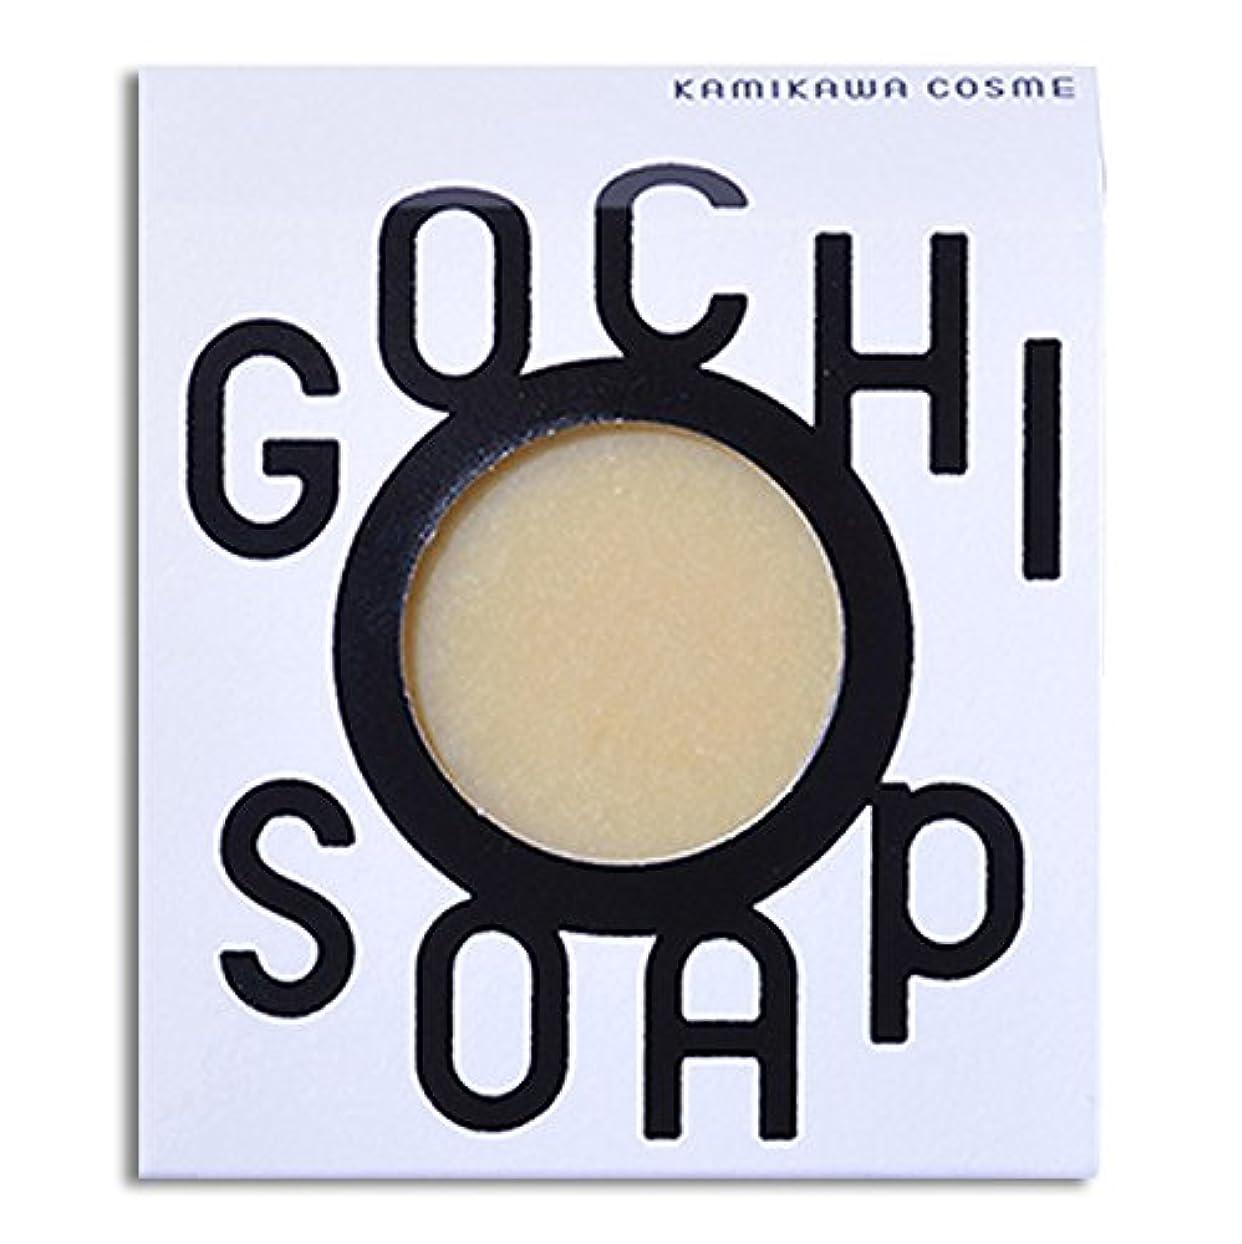 踏み台絶えずテレビを見る道北の素材を使用したコスメブランド GOCHI SOAP(山路養蜂園の蜂蜜ソープ?ふじくらますも果樹園のりんごソープ)各1個セット